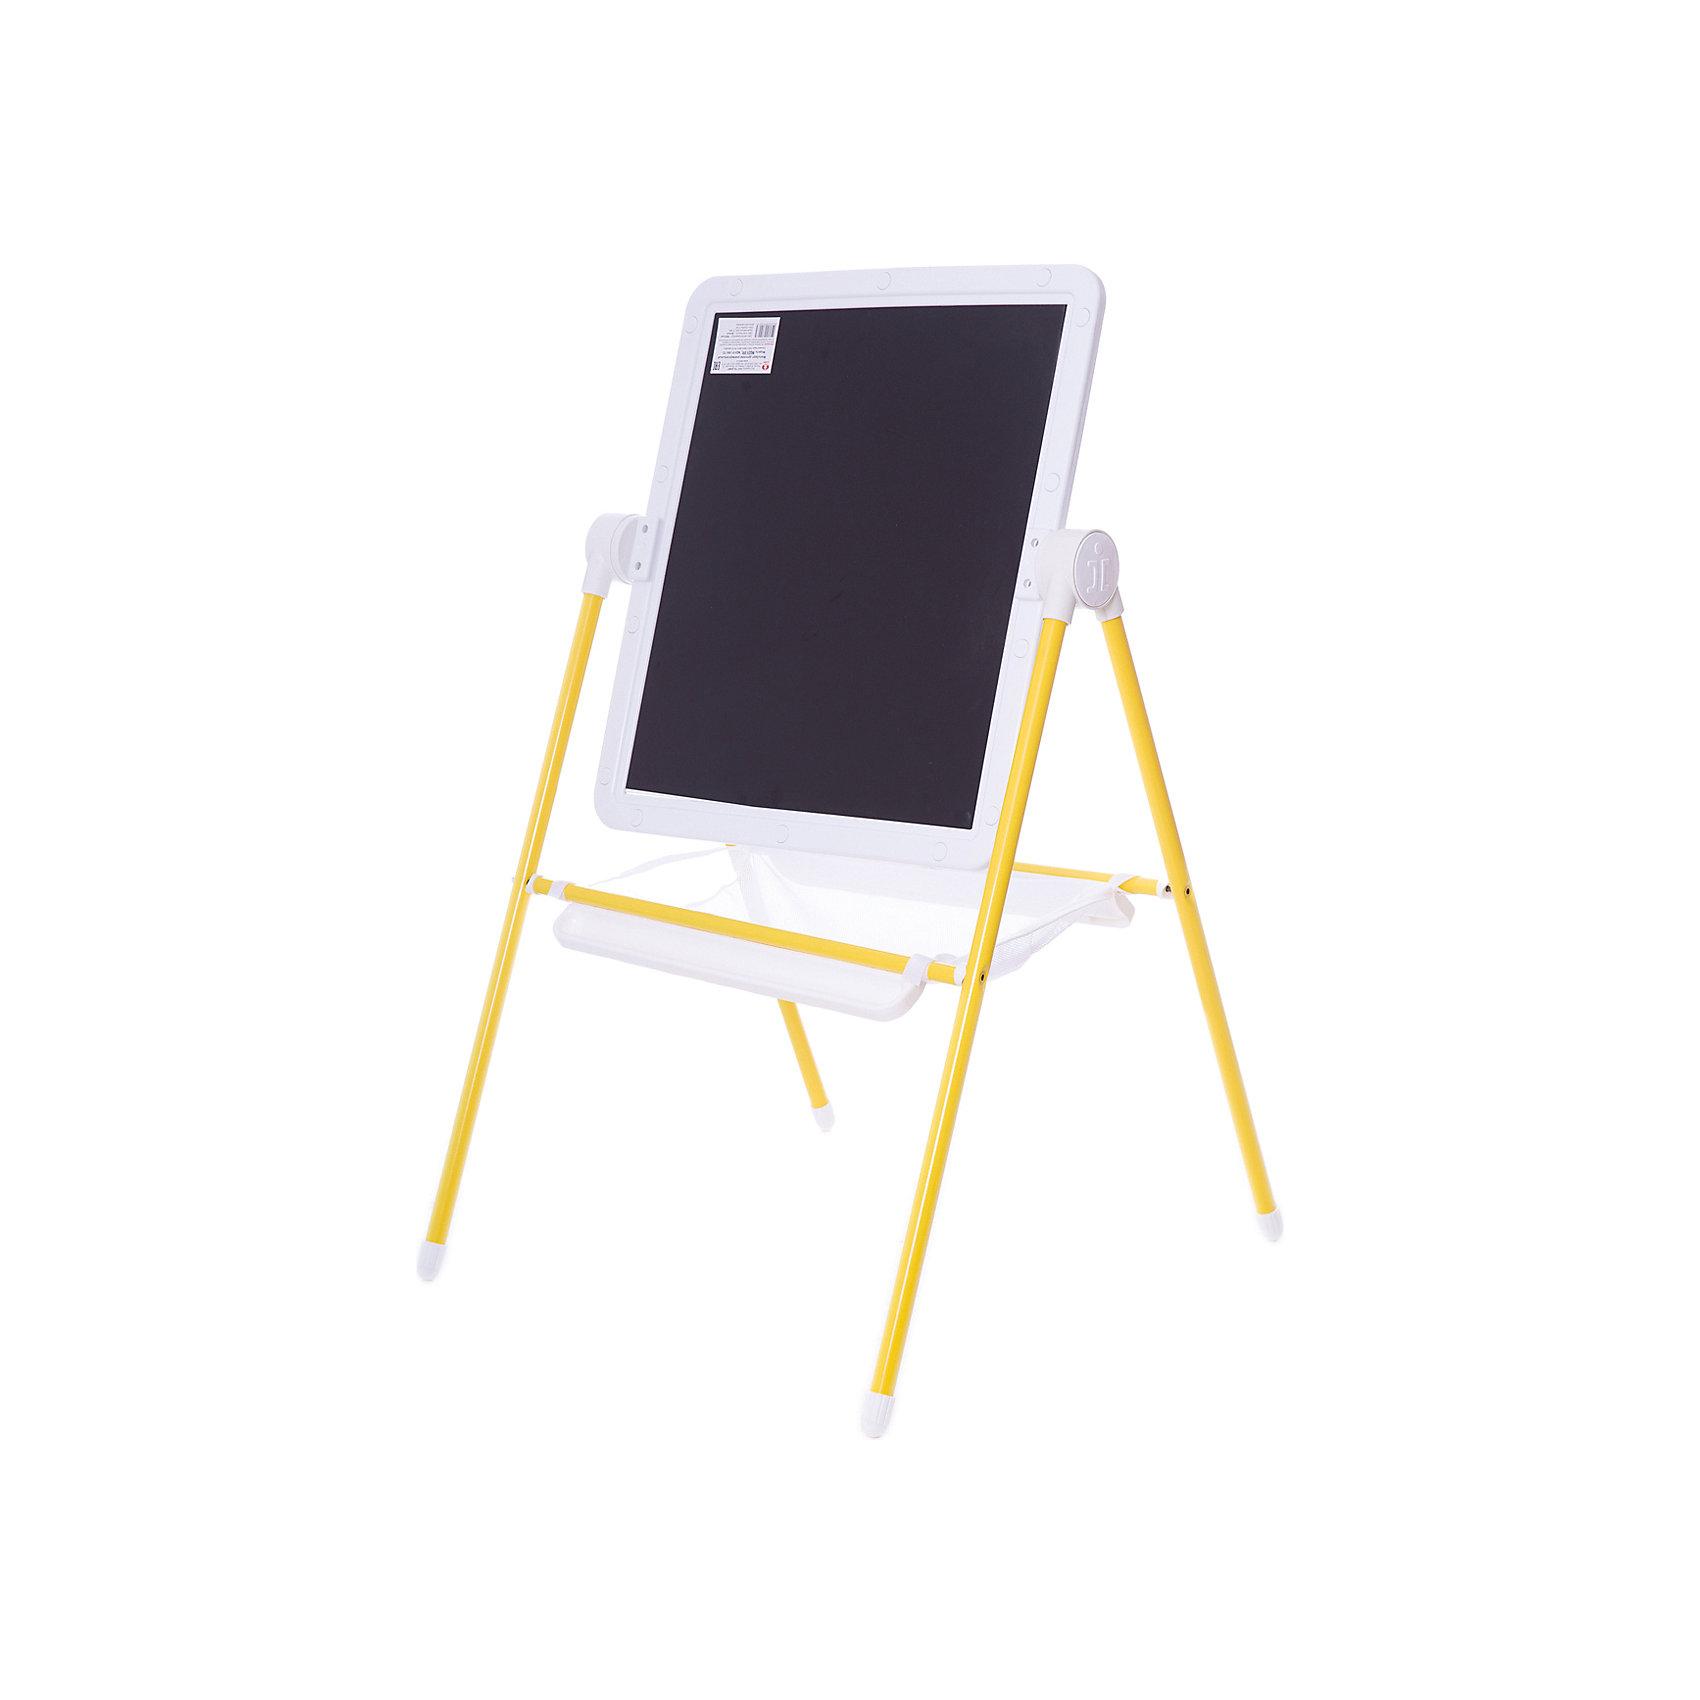 Детский двухсторонний мольберт (желтый с белым)Мебель<br>Детский двухсторонний мольберт (желтый с белым).<br><br>Характеристики:<br><br>- Внимание: буквы и цифры приобертаются отдельно.<br>- Размер рабочей поверхности: 521х462 мм.<br>- Высота мольберта (при вертикальном положении экрана): 1032 ±2мм.<br>- Материал: пластик, металл<br>- Цвет: белый, желтый, черный<br>- Размер упаковки: 720х610х100 мм.<br>- Вес: 1112 гр.<br><br>Мольберт с 2 магнитными поверхностями - это лучший помощник в игре и учебе. На нем удобно размещать магнитные фигуры и буквы алфавита. Уникальная конструкция мольберта позволяет менять угол наклона экрана - для еще большего комфорта юных художников! Белая сторона экрана (доски) служит для нанесения надписей маркерами на водной основе. Черная сторона – для нанесения надписей мягкими мелками. К стойкам мольберта устанавливаются два лотка для канцелярских принадлежностей – мелки, маркеры, карандаши всегда будут под рукой! Имеется вместительный бокс-сетка для хранения игрушек и принадлежностей для творчества. Горизонтальное положение поверхности мольберта превращает его в площадку для игры. Мольберт идеально сочетается с детской складной мебелью «Дэми».<br><br>Детский двухсторонний мольберт с буквами (желтый с белым) можно купить в нашем интернет-магазине.<br><br>Ширина мм: 720<br>Глубина мм: 640<br>Высота мм: 100<br>Вес г: 1112<br>Возраст от месяцев: 12<br>Возраст до месяцев: 72<br>Пол: Унисекс<br>Возраст: Детский<br>SKU: 5096941